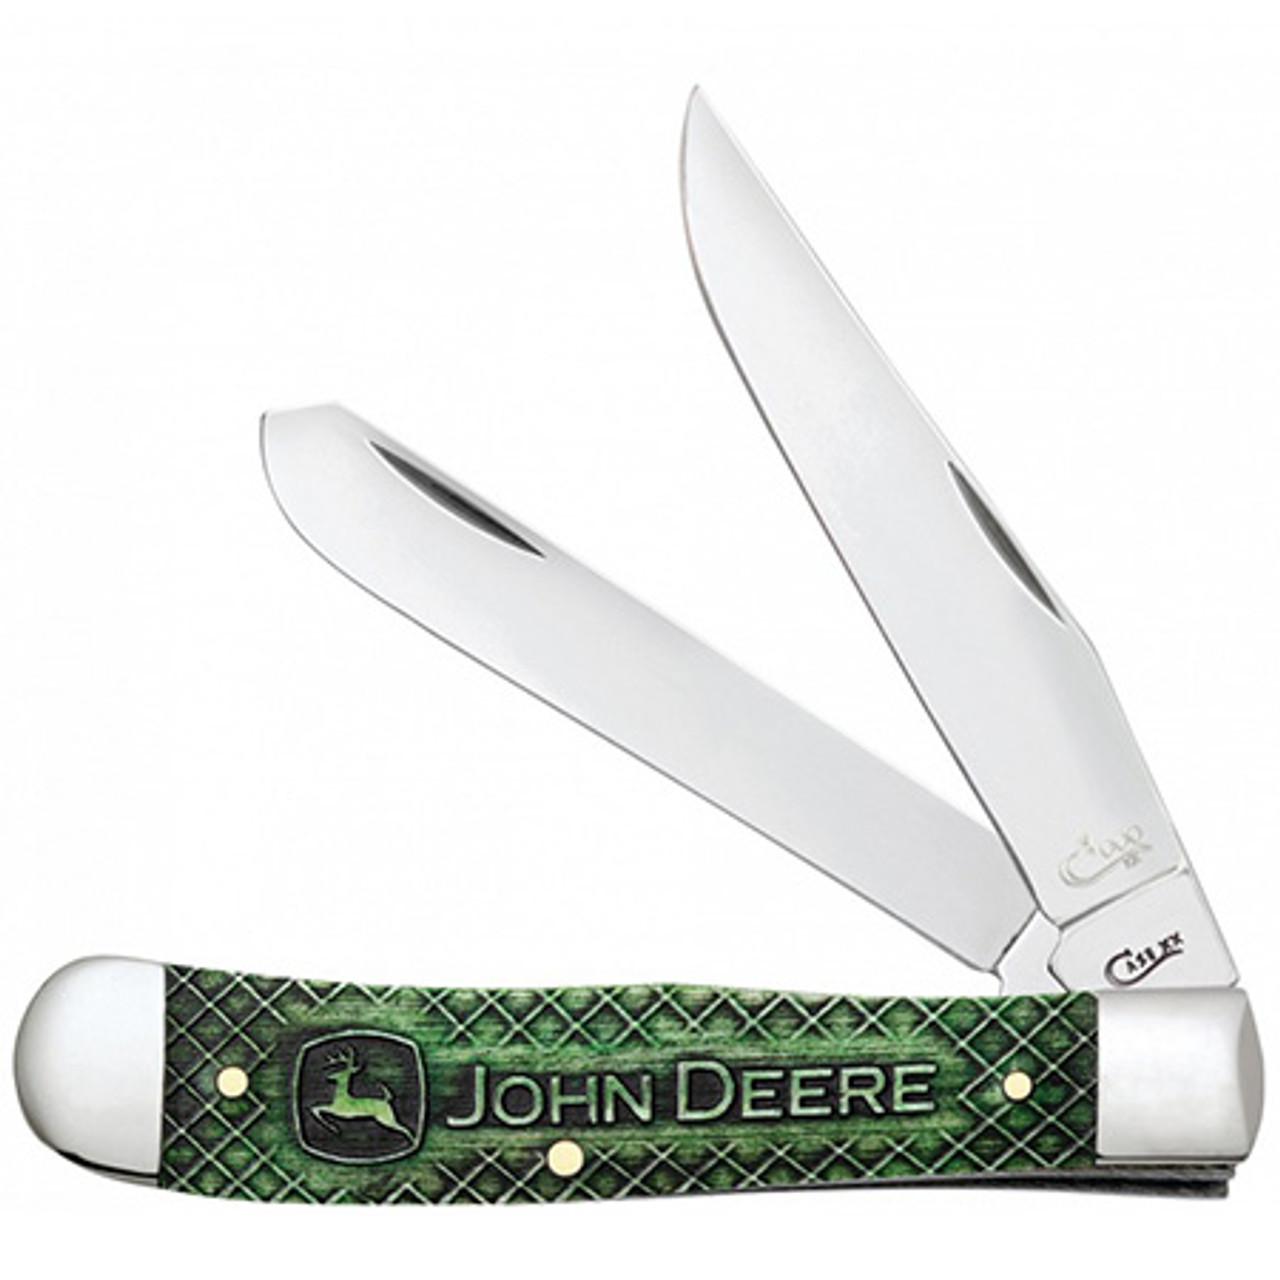 Case 15764 Trapper Gift Set, John Deere Natural Bone w/Green Color Wash (6254 SS)